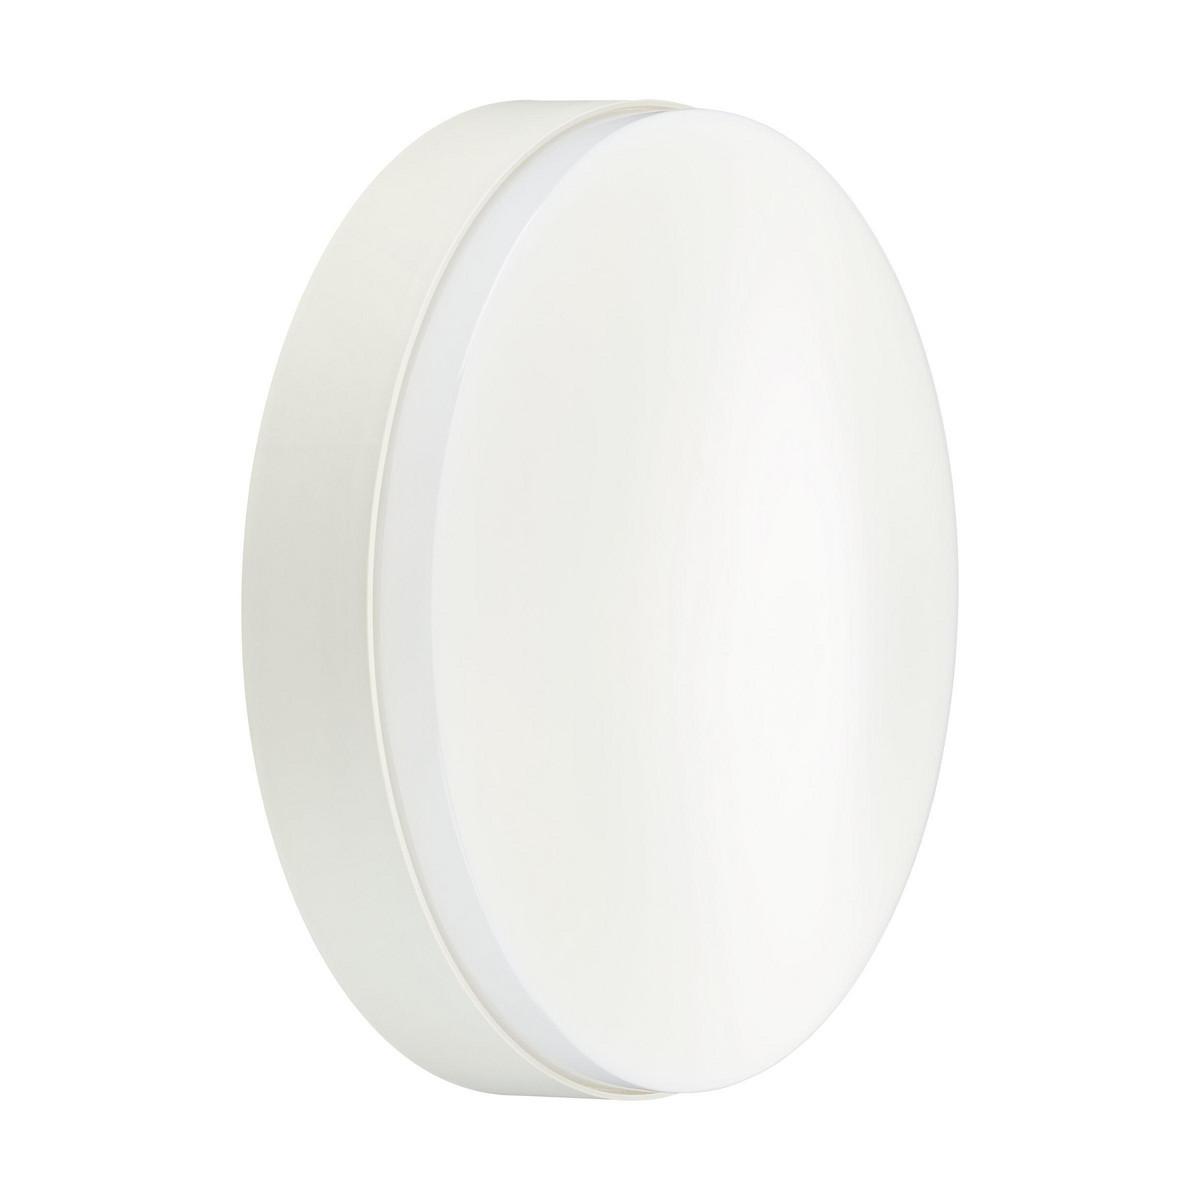 CoreLine Væg/loft Gen2 WL131V 3400lm/830 Ø480 Hvid